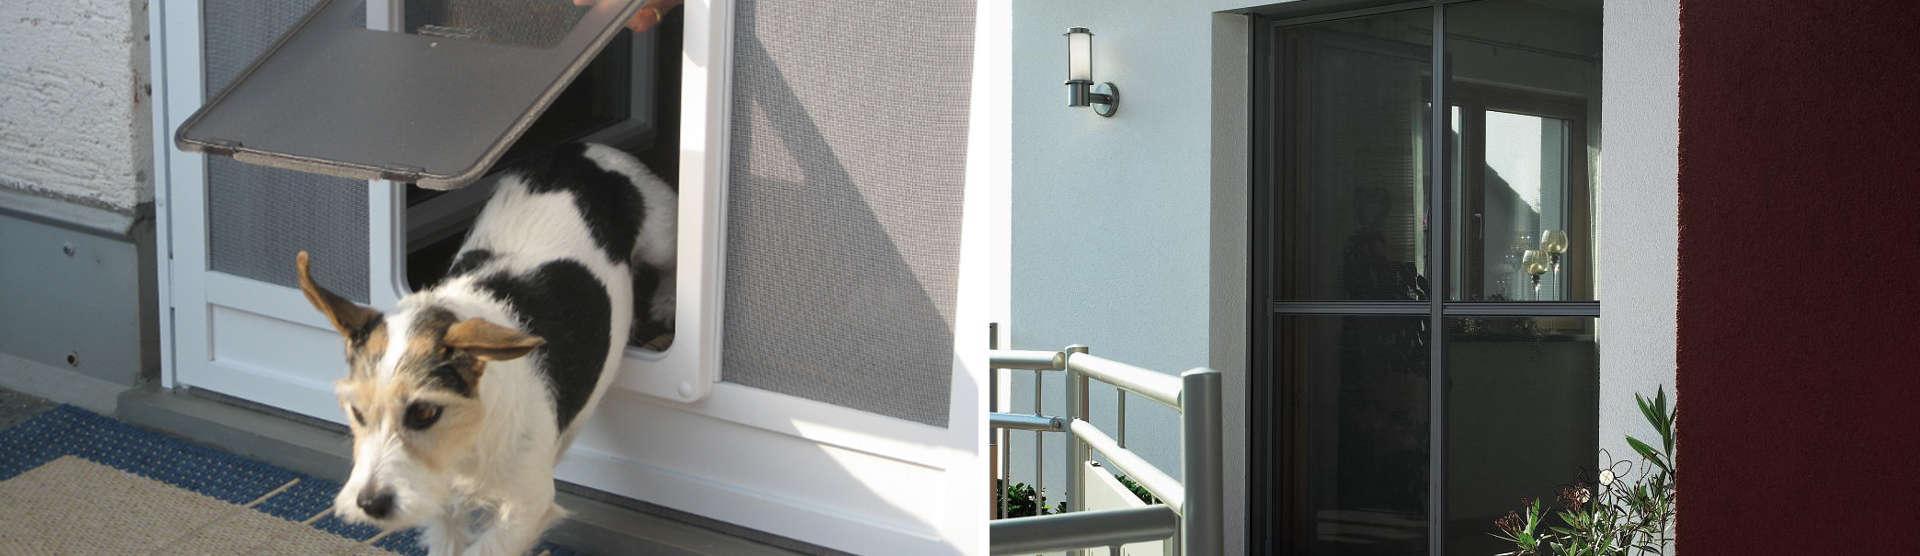 Insektenschutz für Türen_3